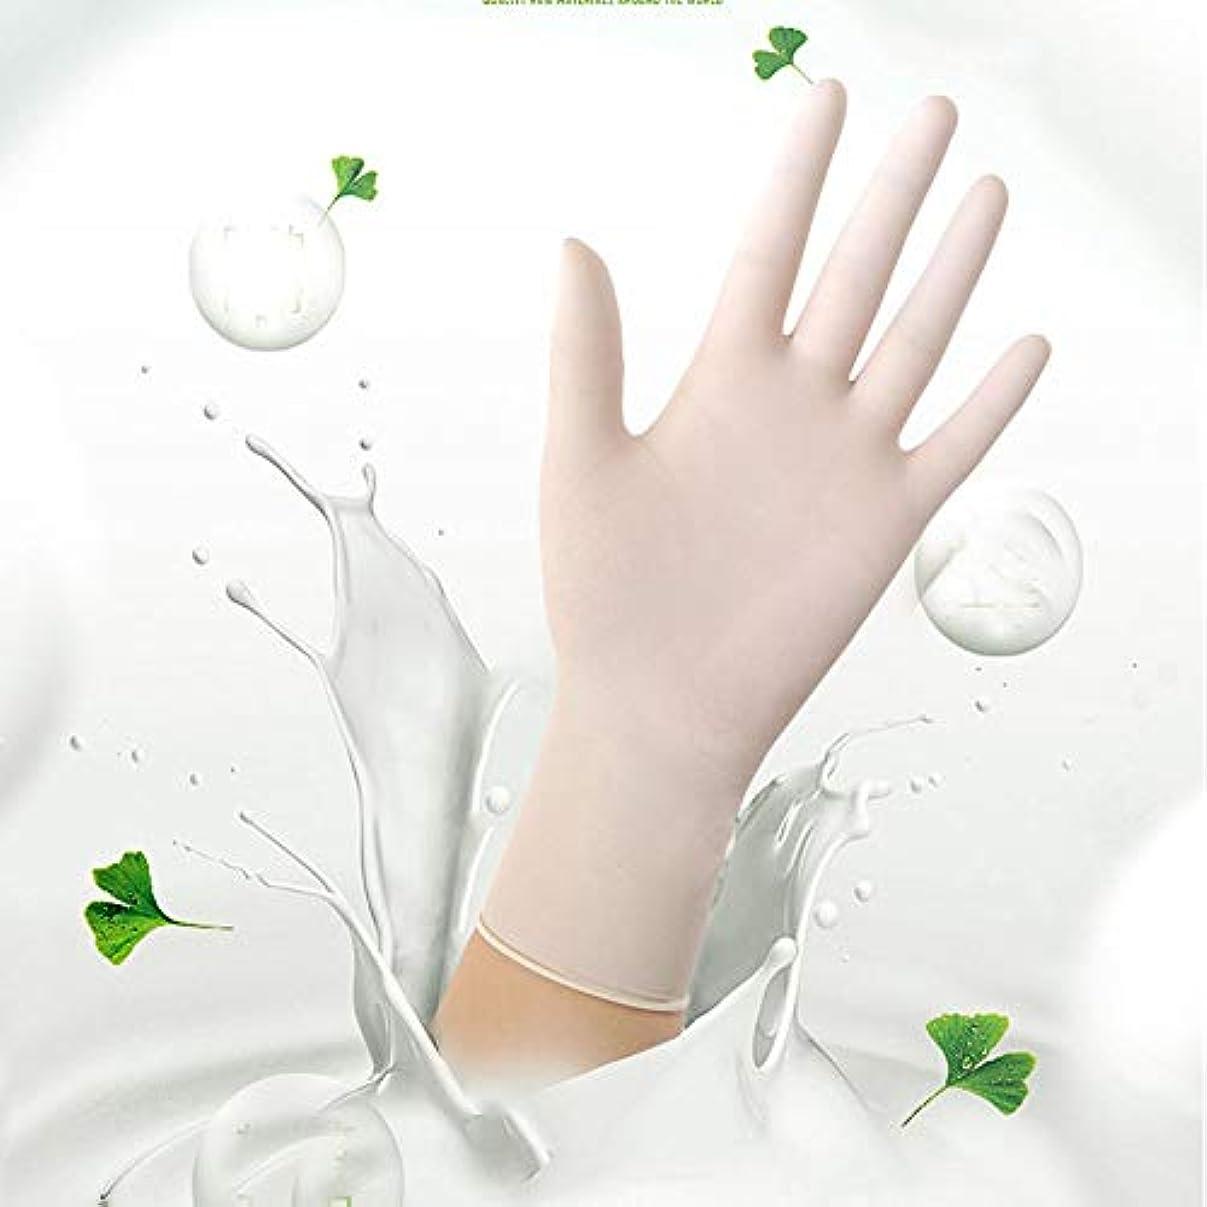 細菌試用インペリアルニトリル検査用手袋 - 医療用グレード、パウダーフリー、ラテックスラバーフリー、使い捨て、非滅菌、食品安全、インディゴ色、100カウント、サイズS-L (Color : White, Size : S)